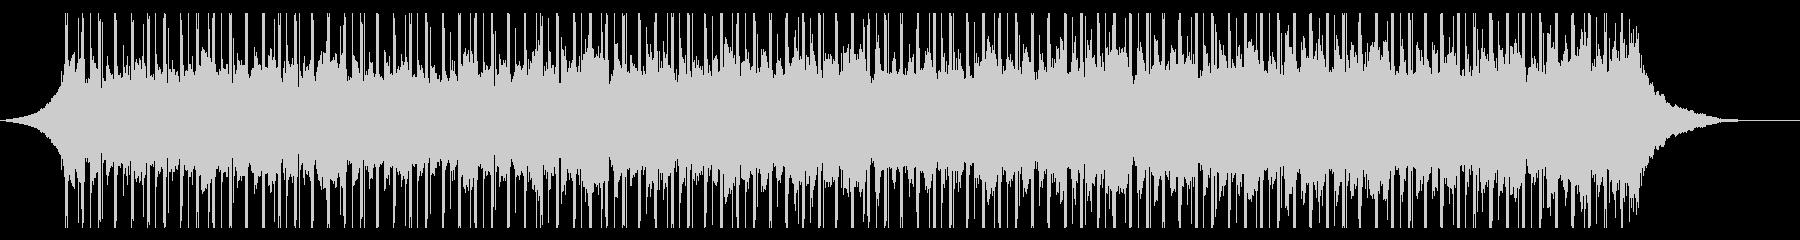 チュートリアル(60秒)の未再生の波形